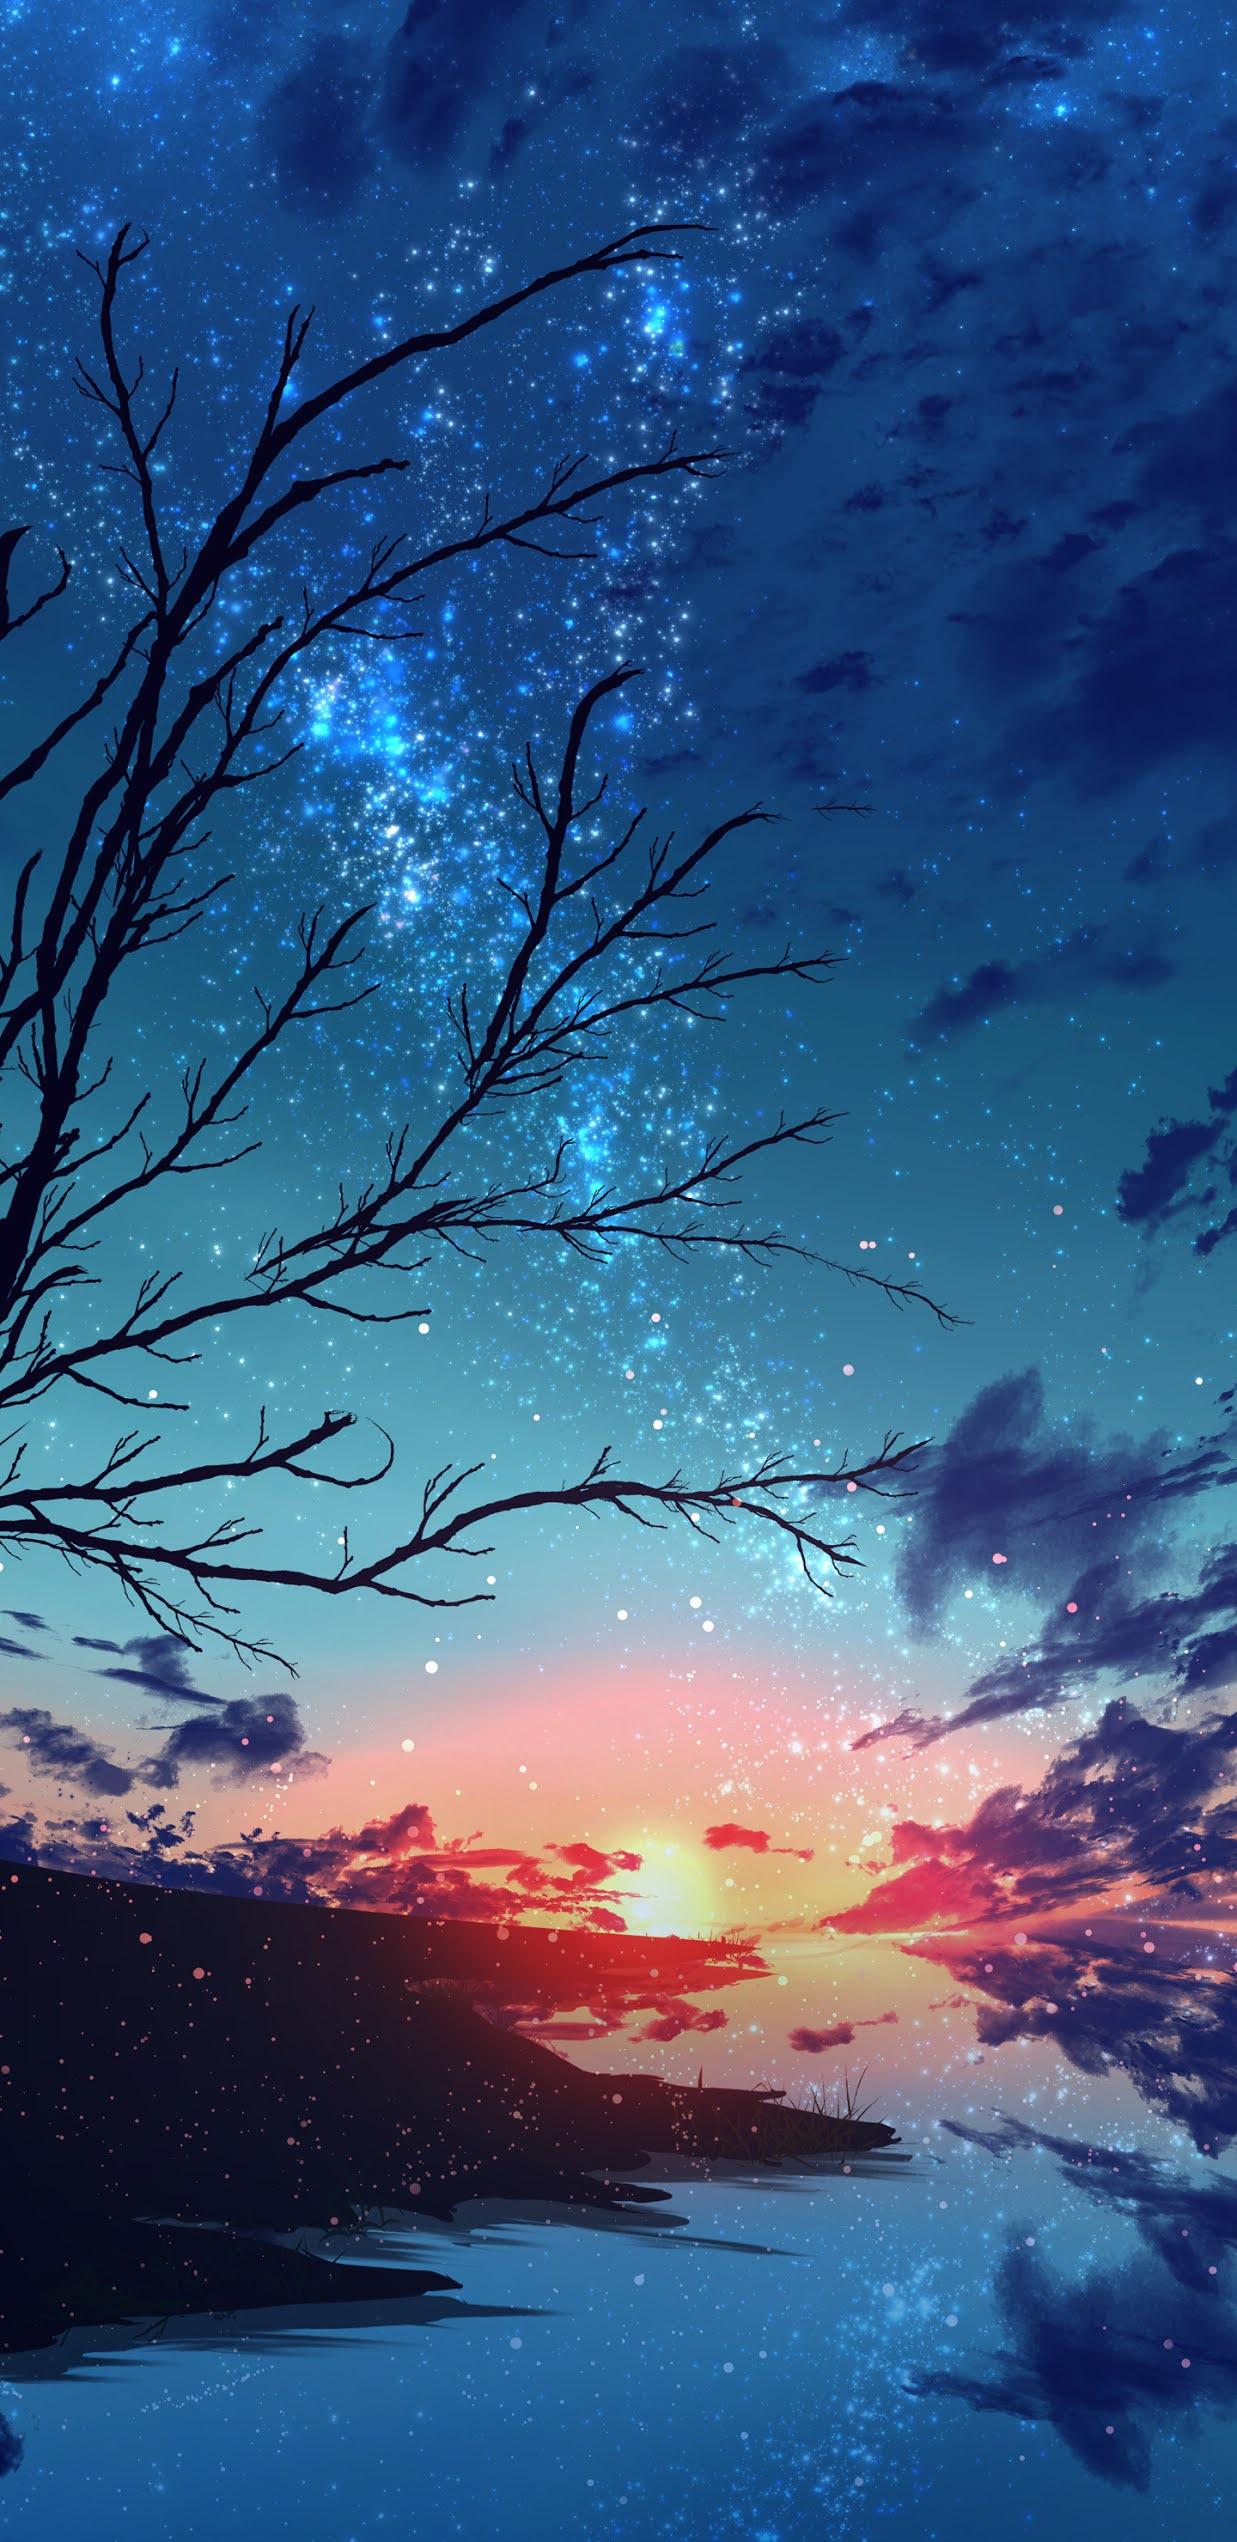 Hoàng hôn giữa bầu trời đầy sao